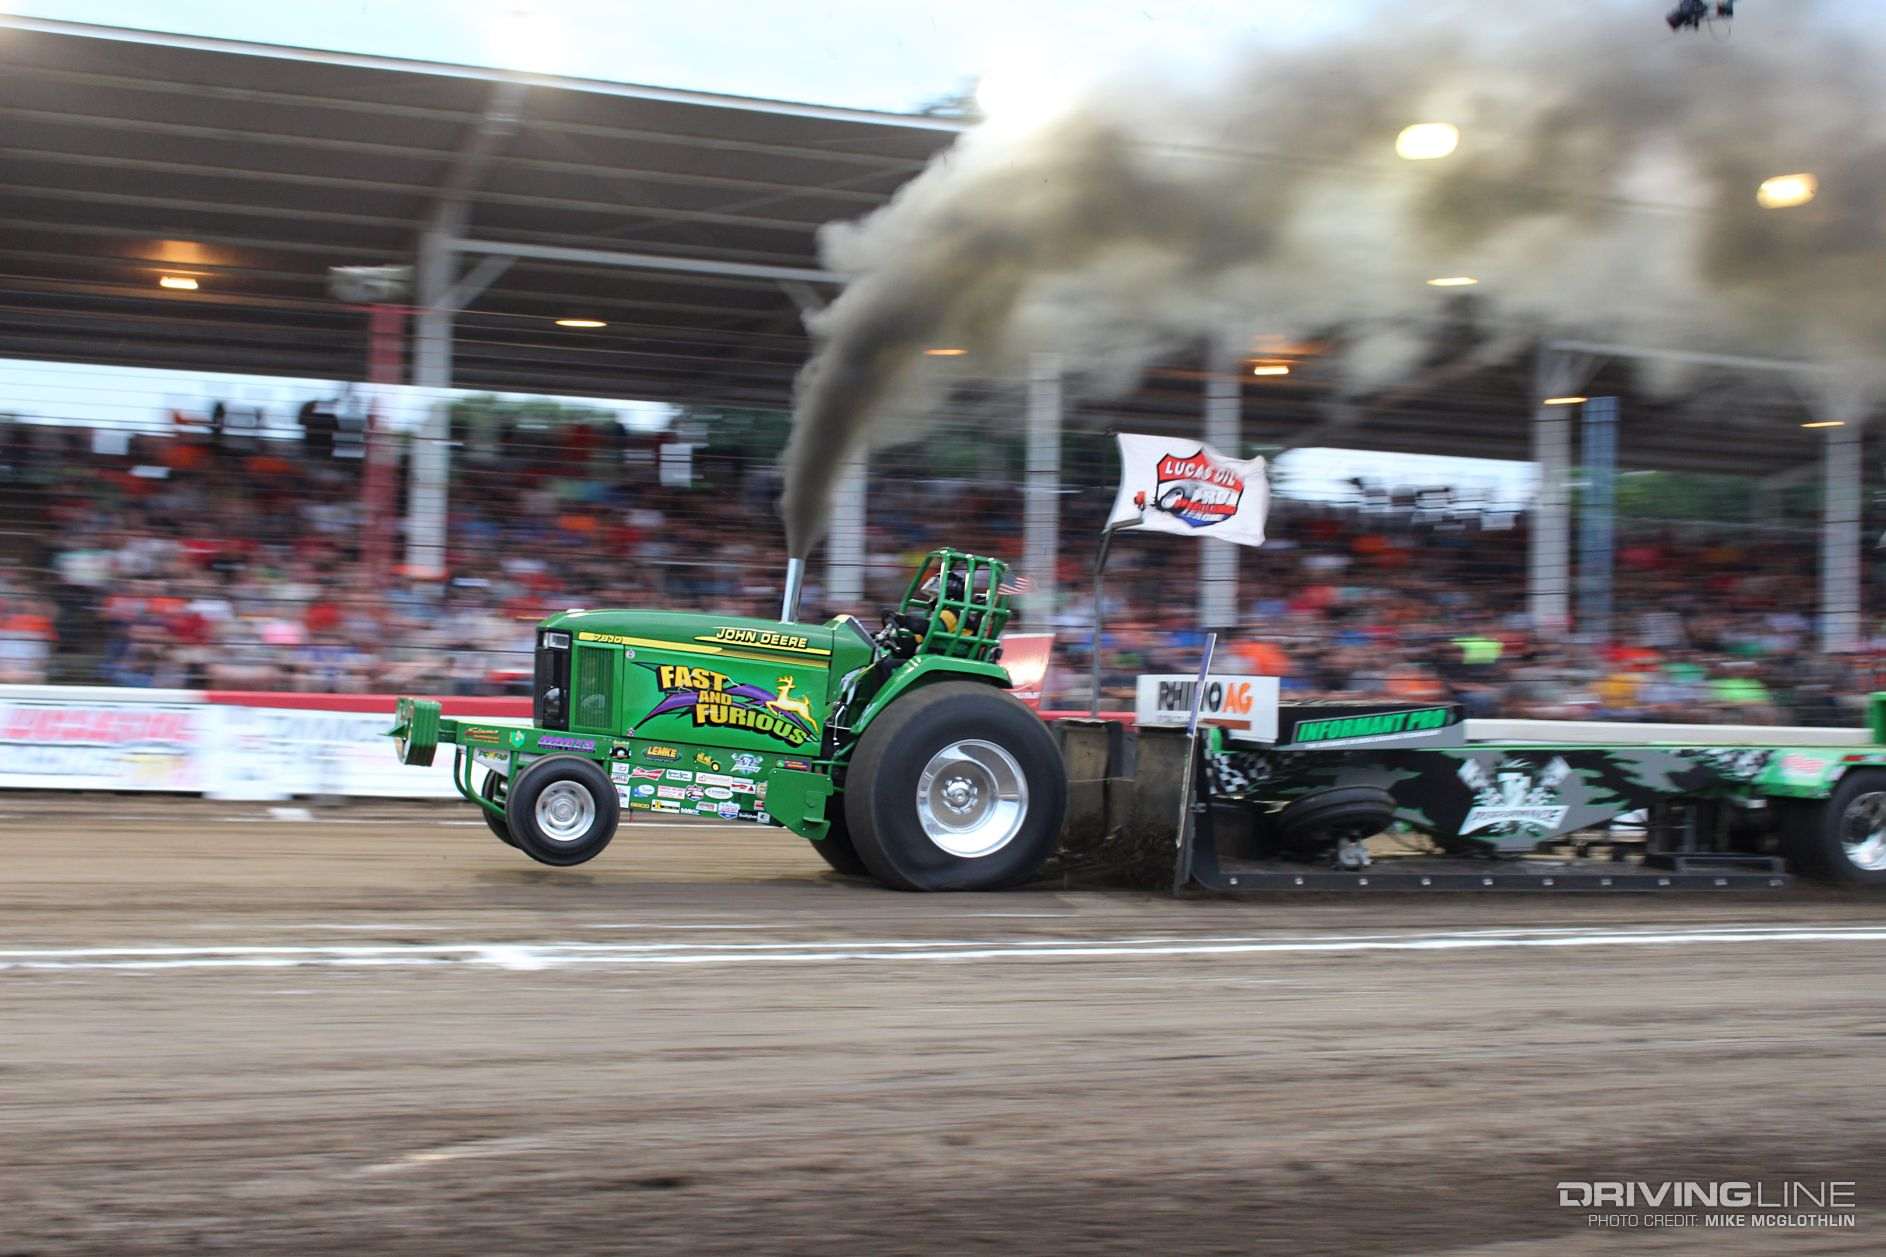 John Deere Super Stock Pulling Tractors : Scheid diesel extravaganza the super bowl of truck